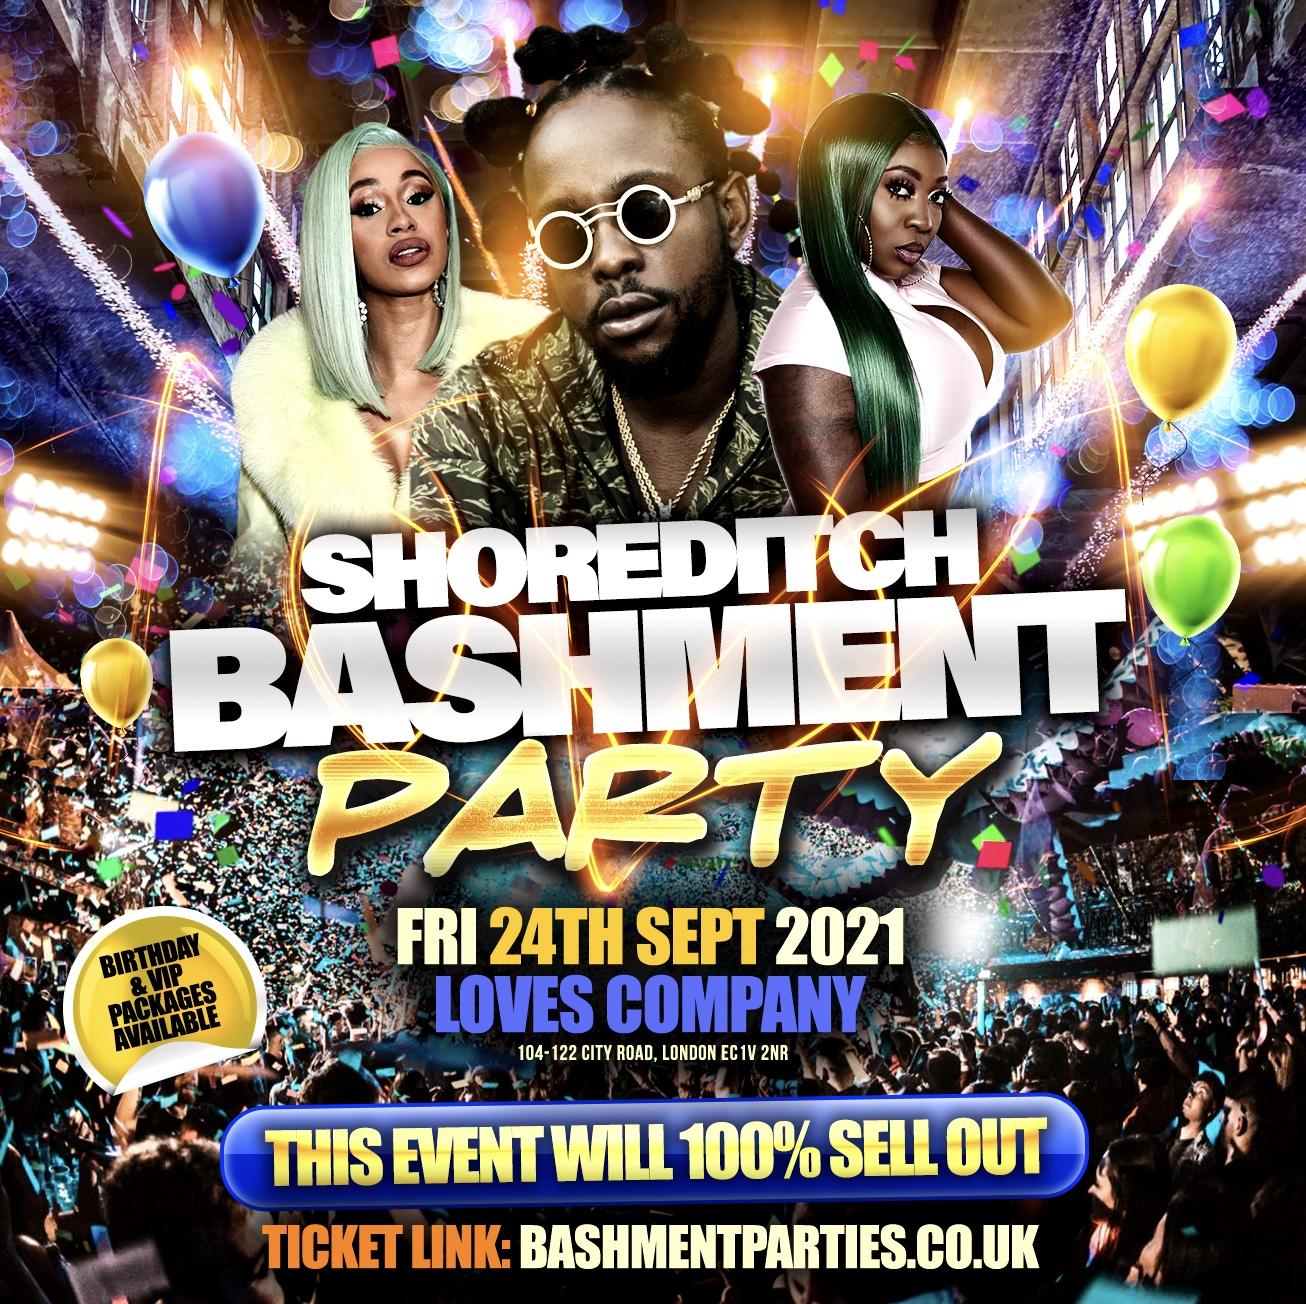 Shoreditch Bashment Party